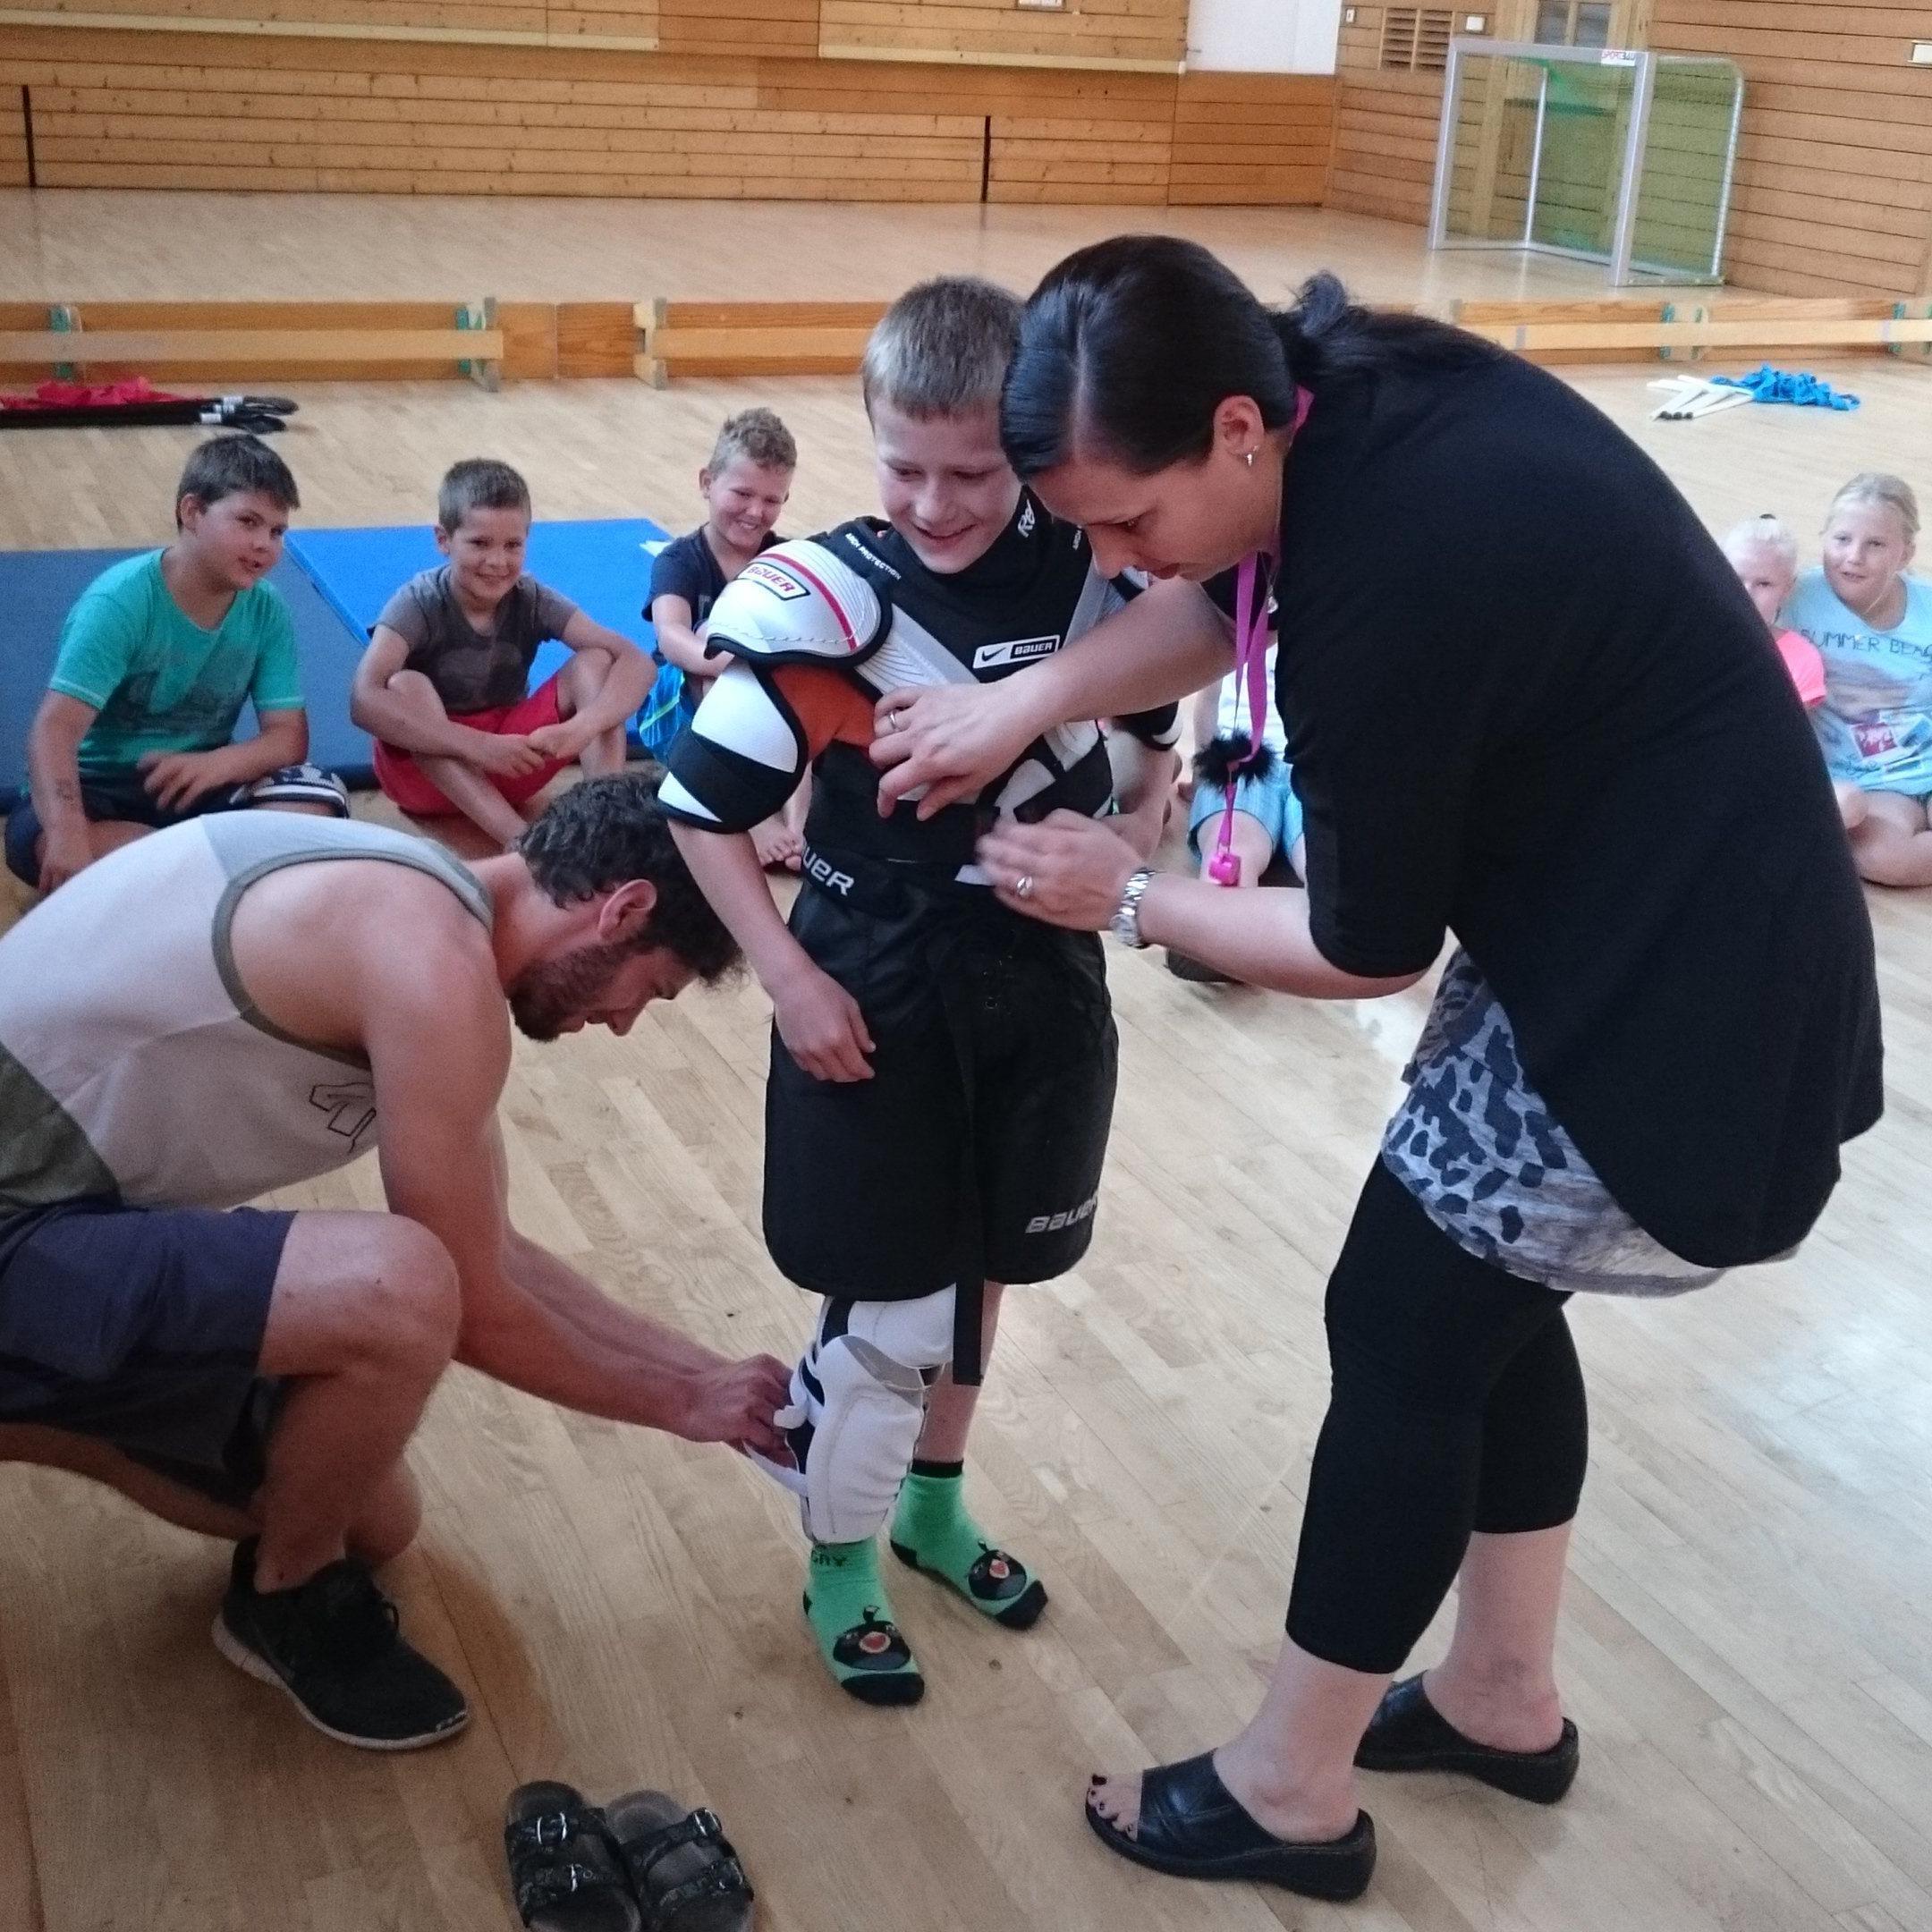 Der EHC Bregenzerwald will die Jugend sehr früh zum Eishockeysport bringen